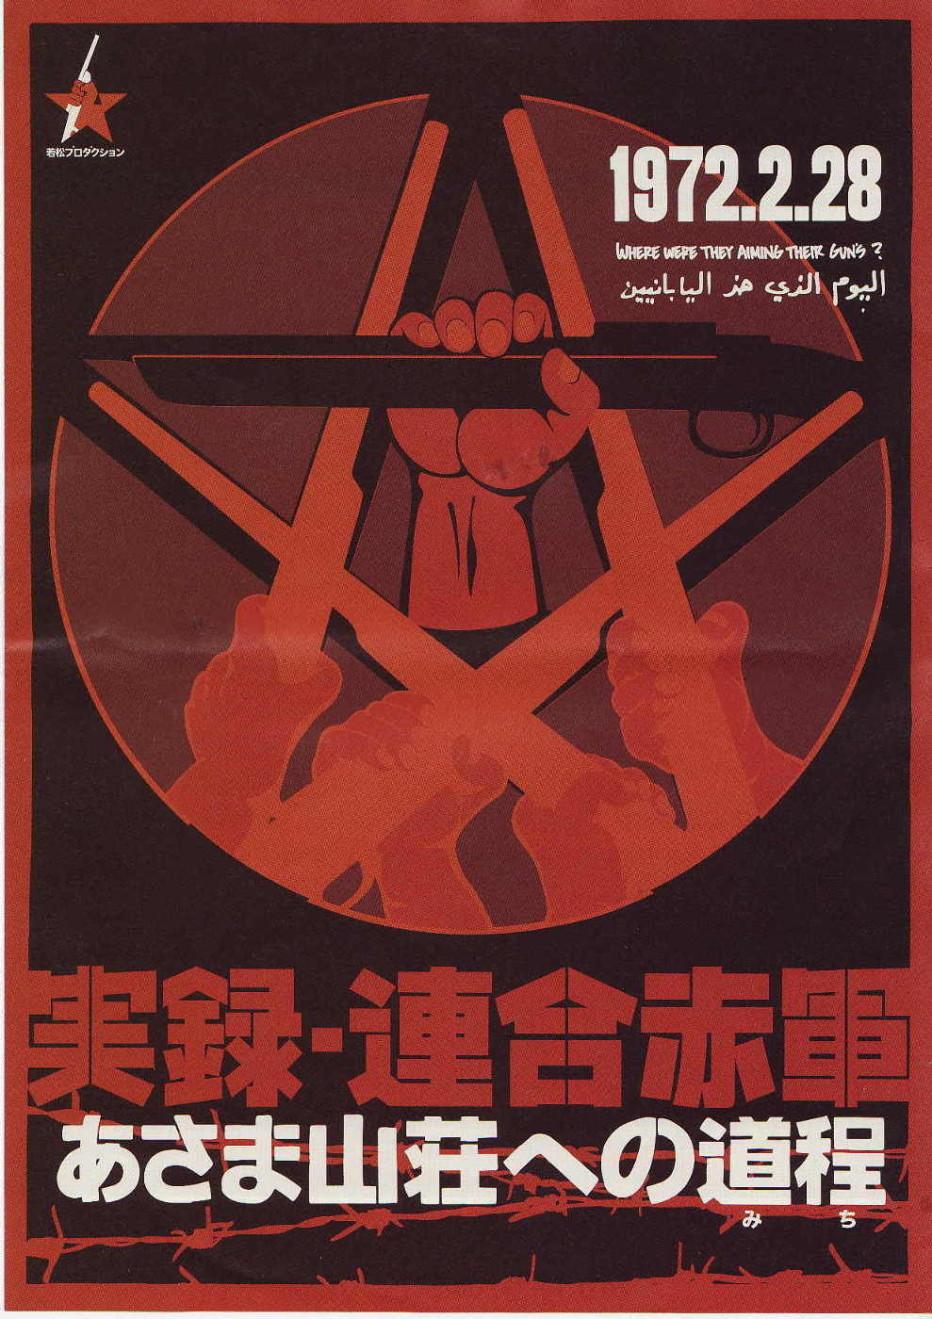 united-red-army-2007-koji-wakamatsu-15.jpg